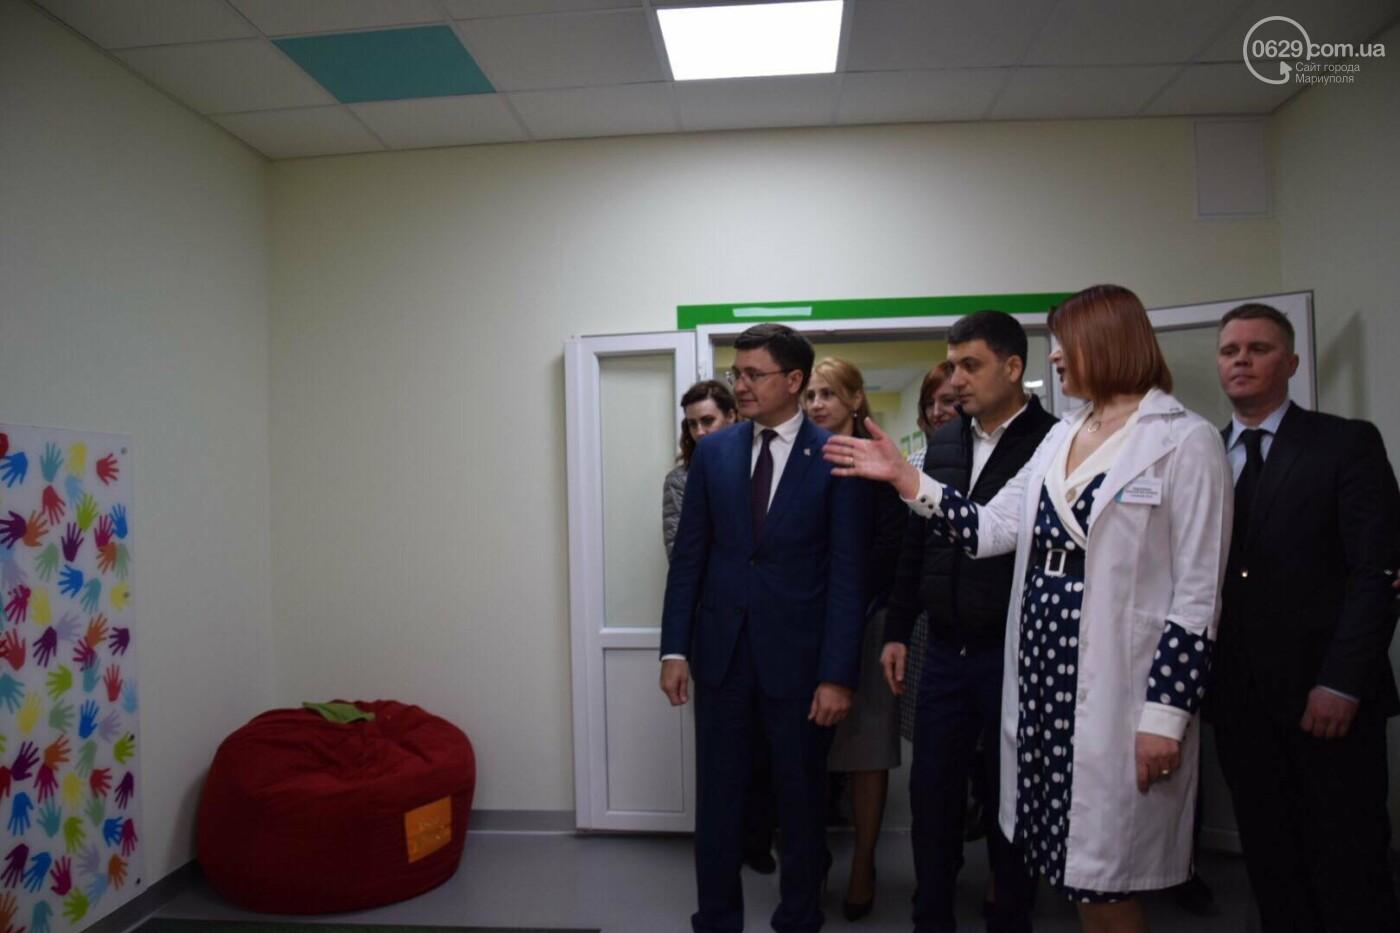 В Мариуполе Владимир Гройсман открыл детскую поликлинику и познакомился с Сережей, - ФОТОРЕПОРТАЖ, ВИДЕО, фото-53